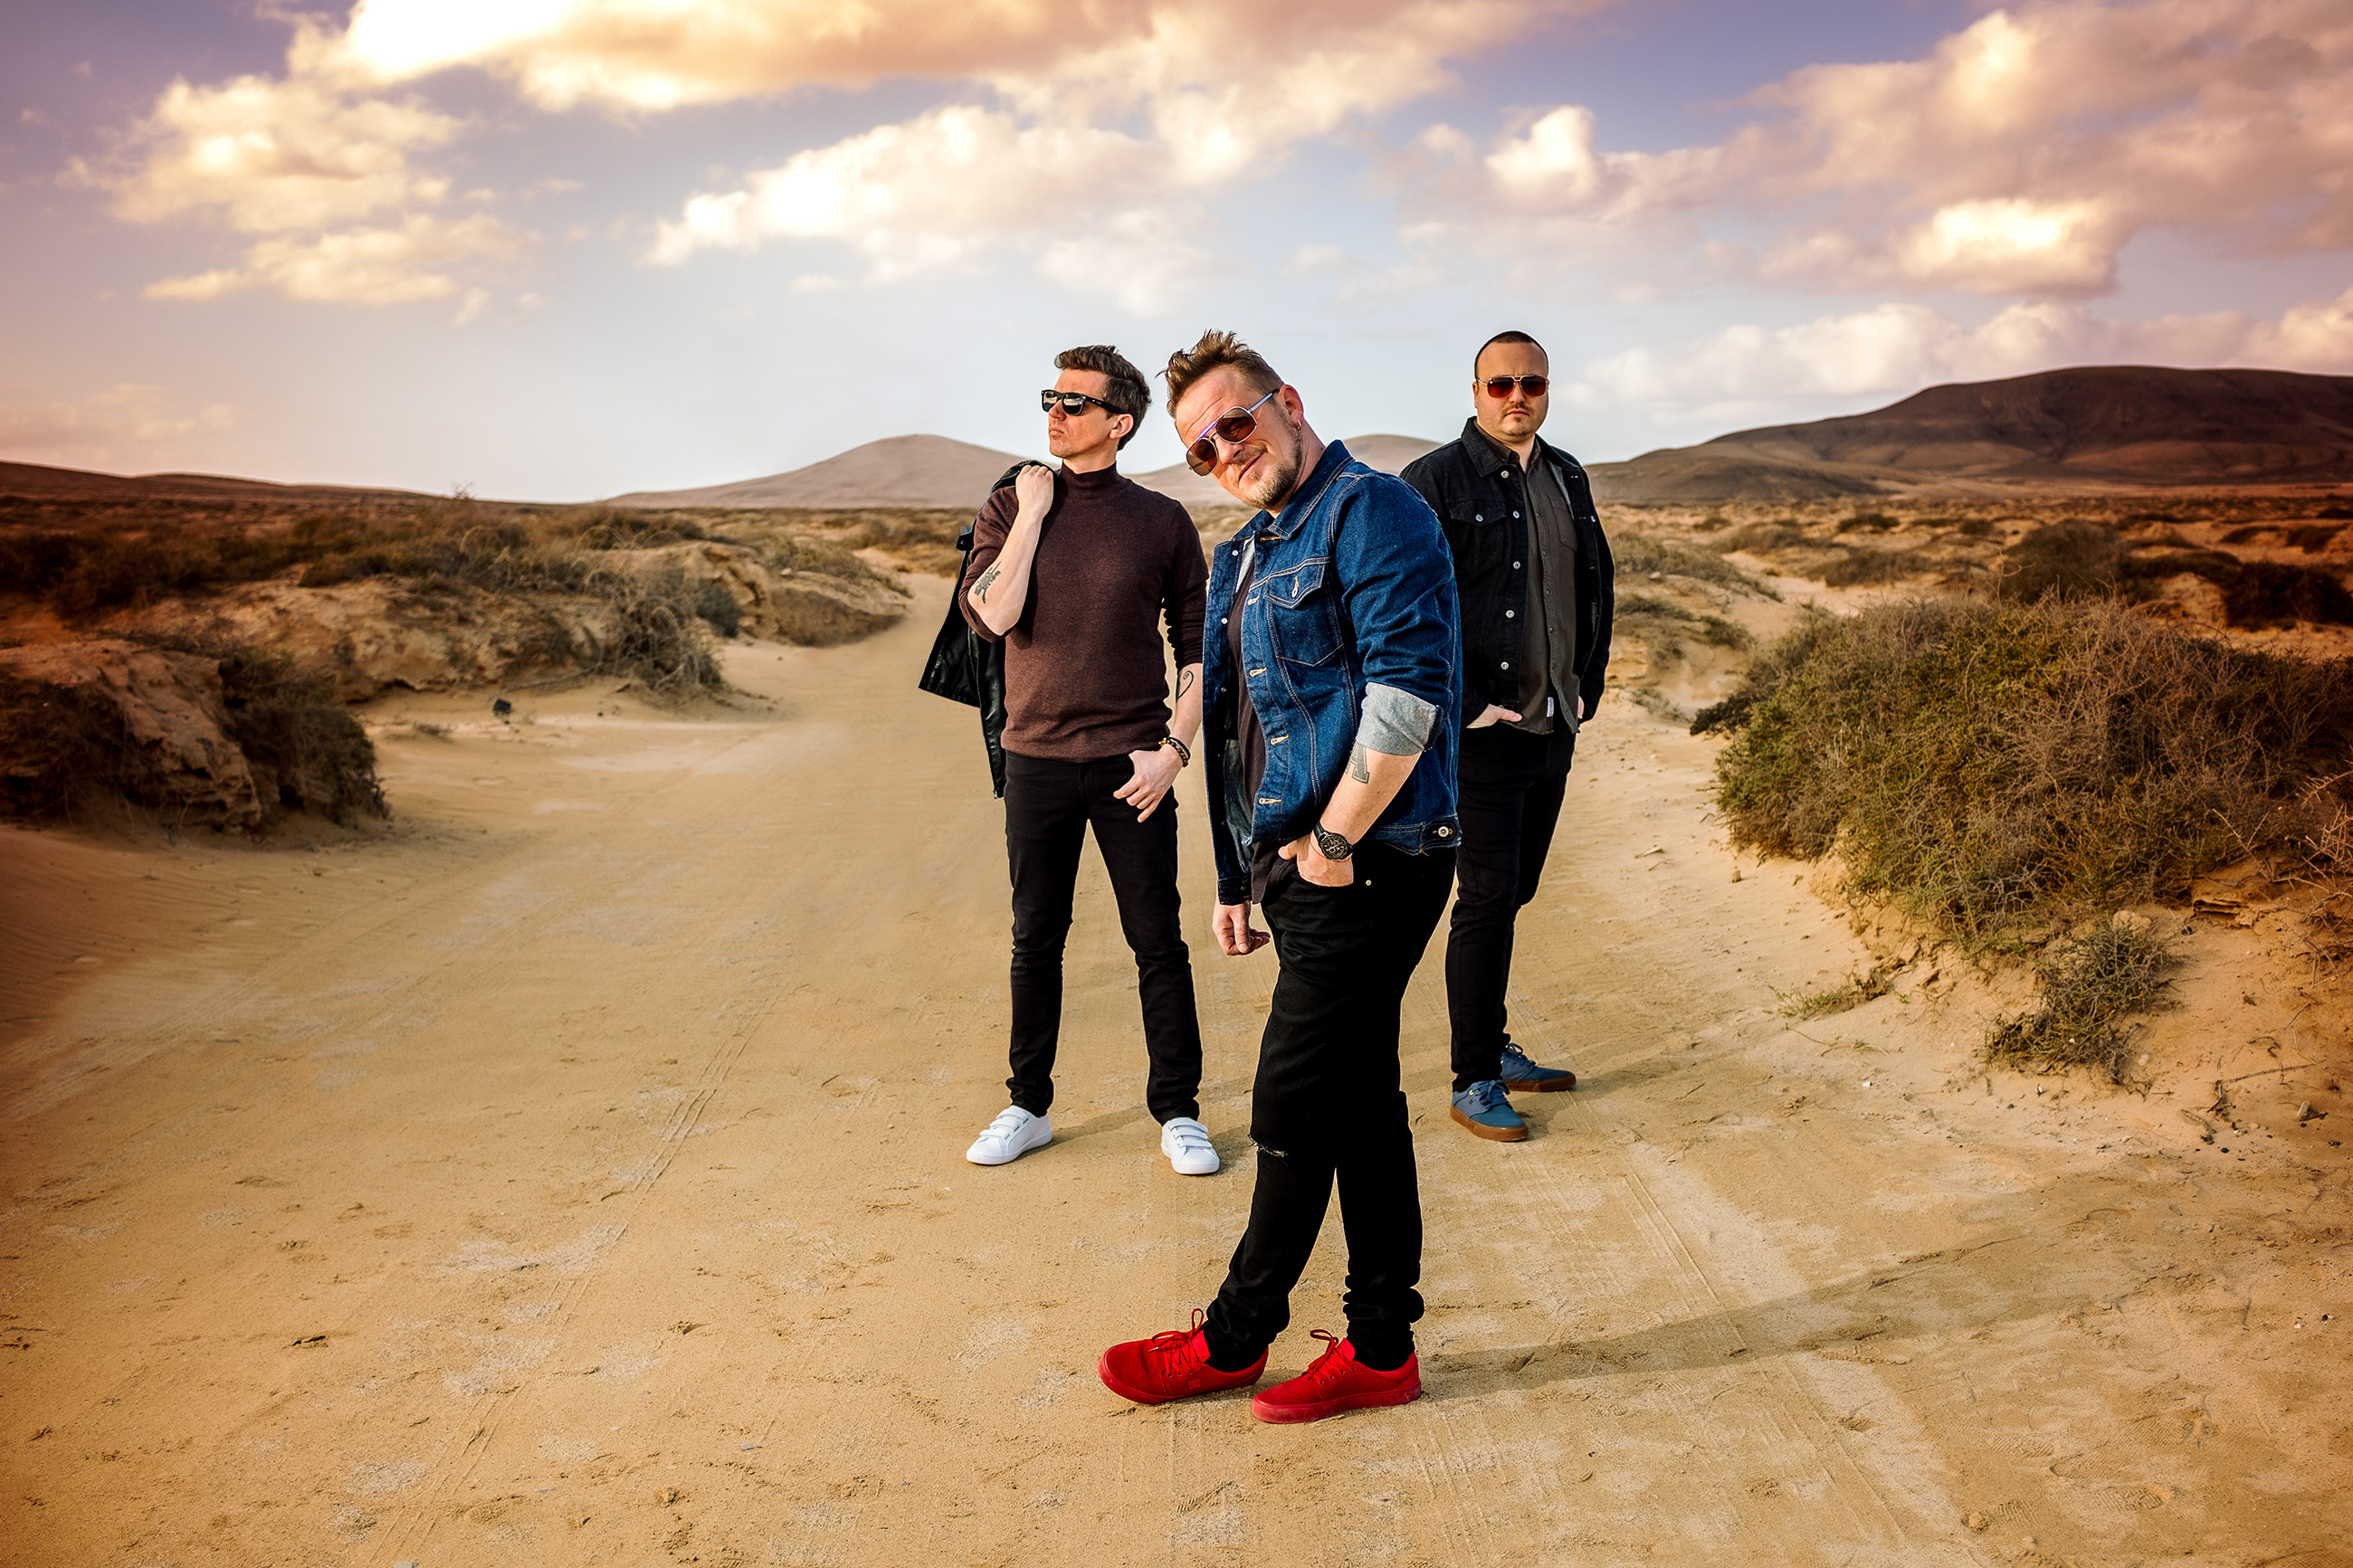 Grupė Biplan išleidžia naują albumą